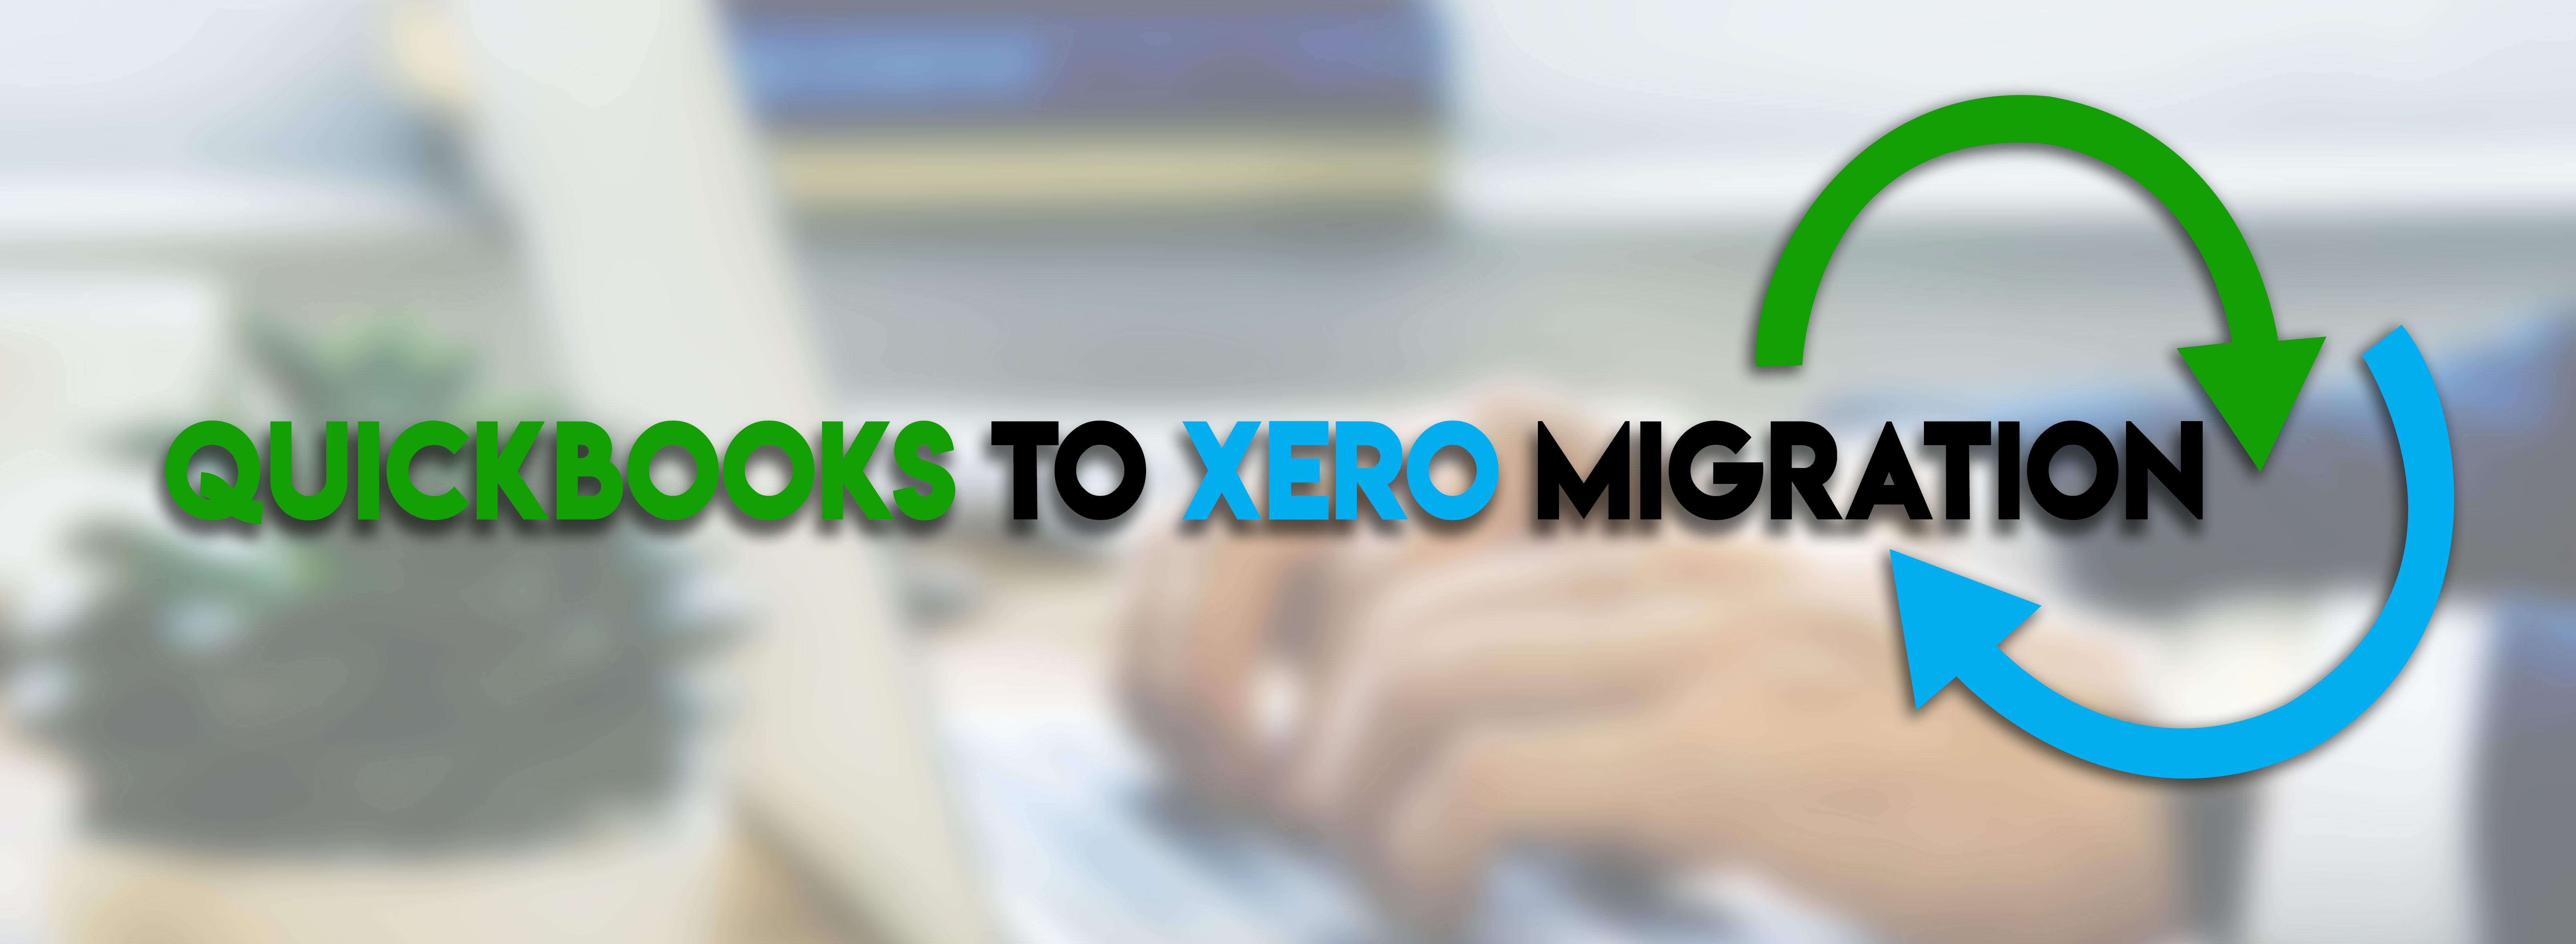 QuickBooks to XERO Migration